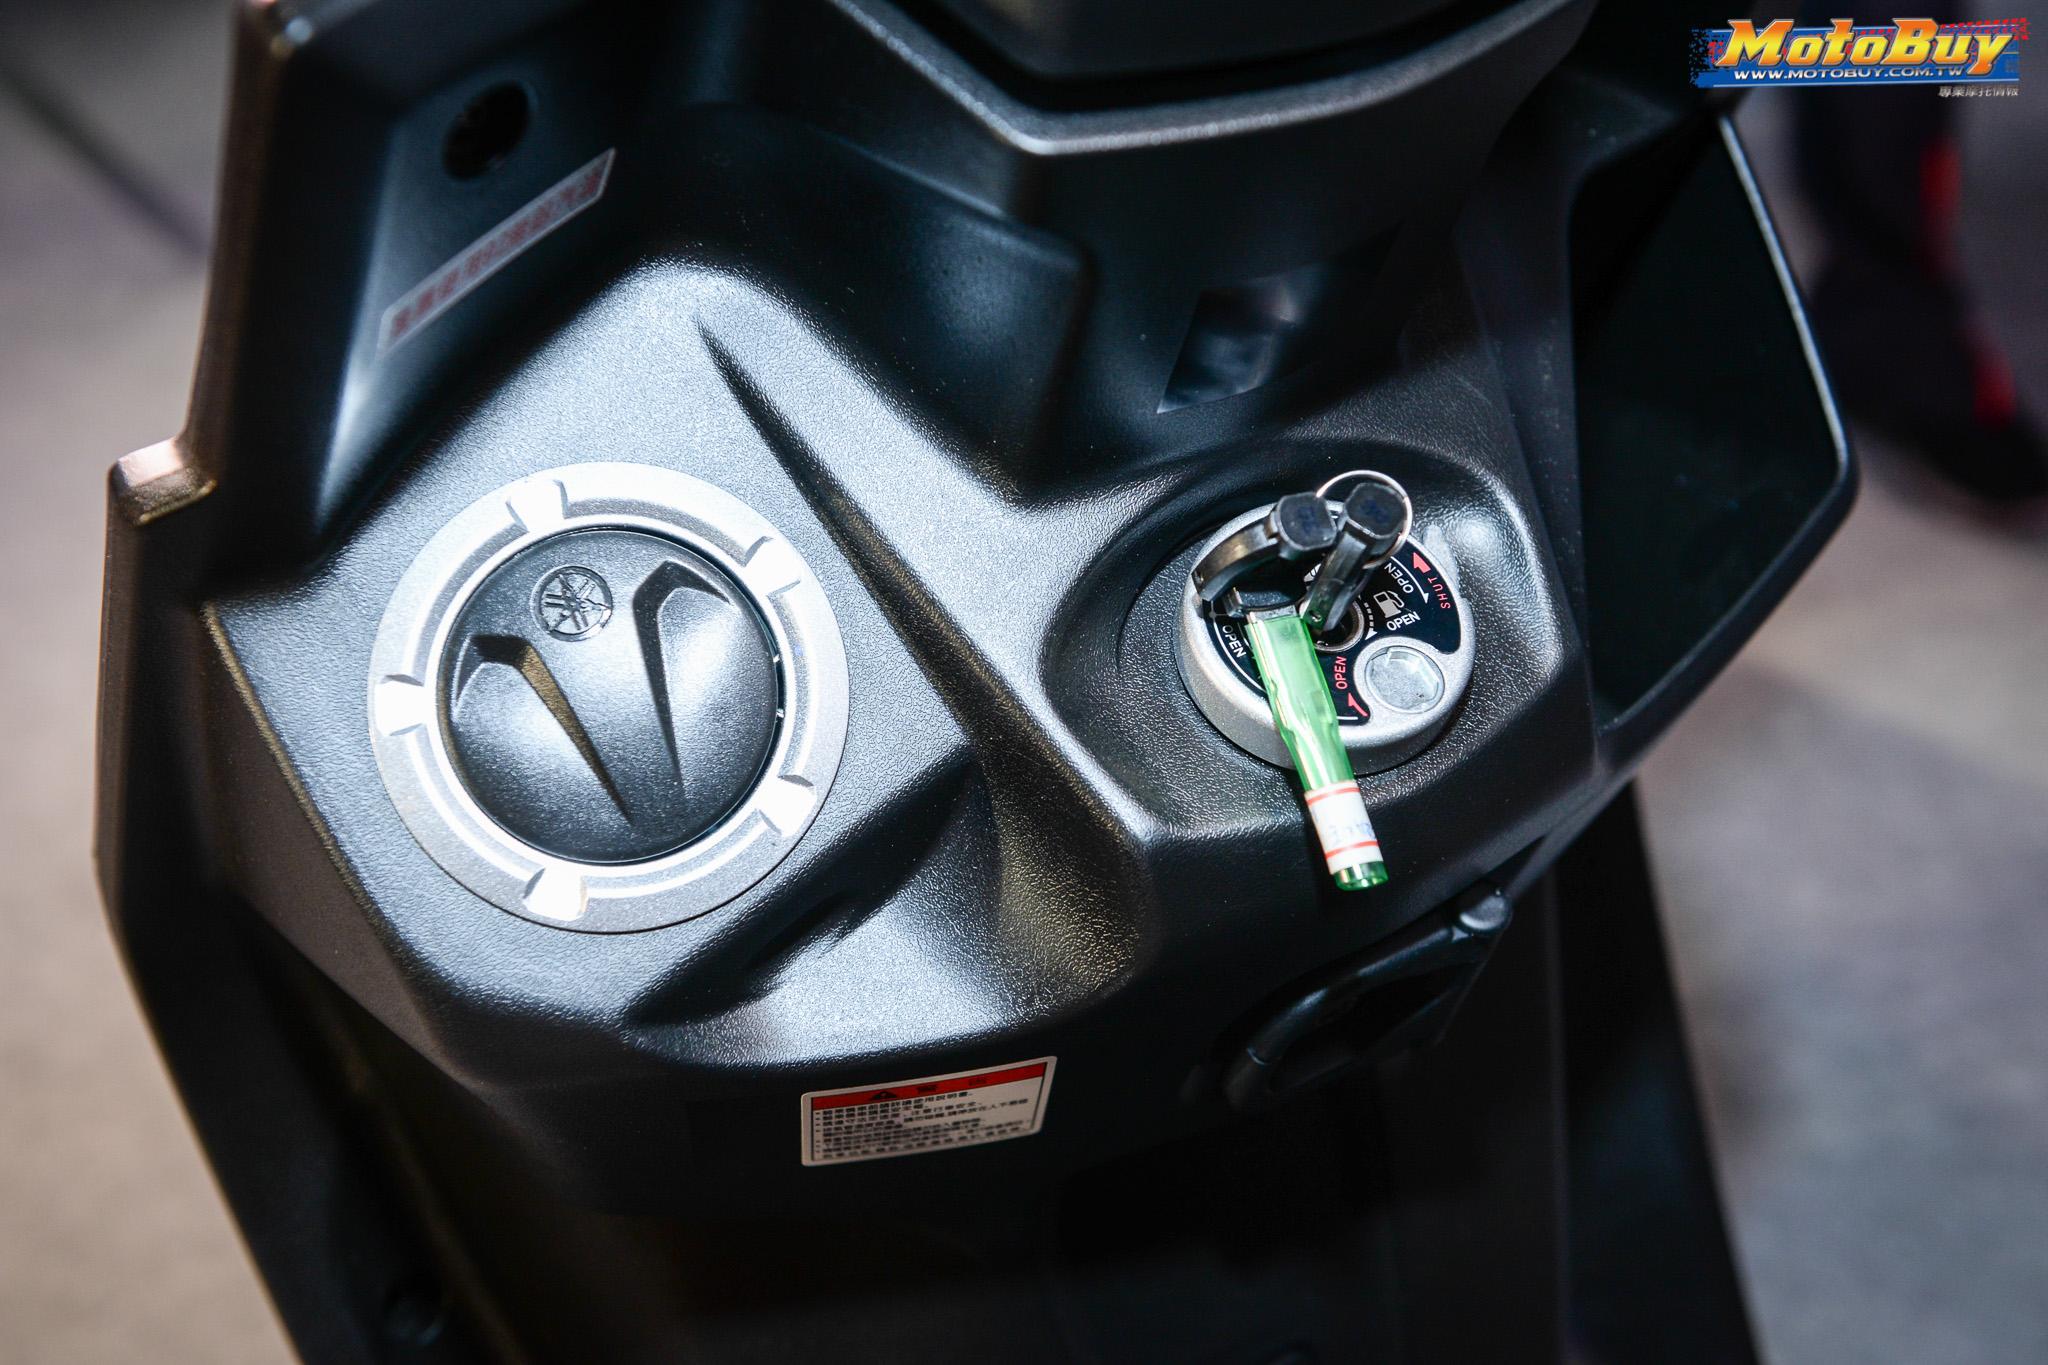 [新聞採訪] YAMAHA BWSR發表!狂野造型,加速性能進化   MotoBuy